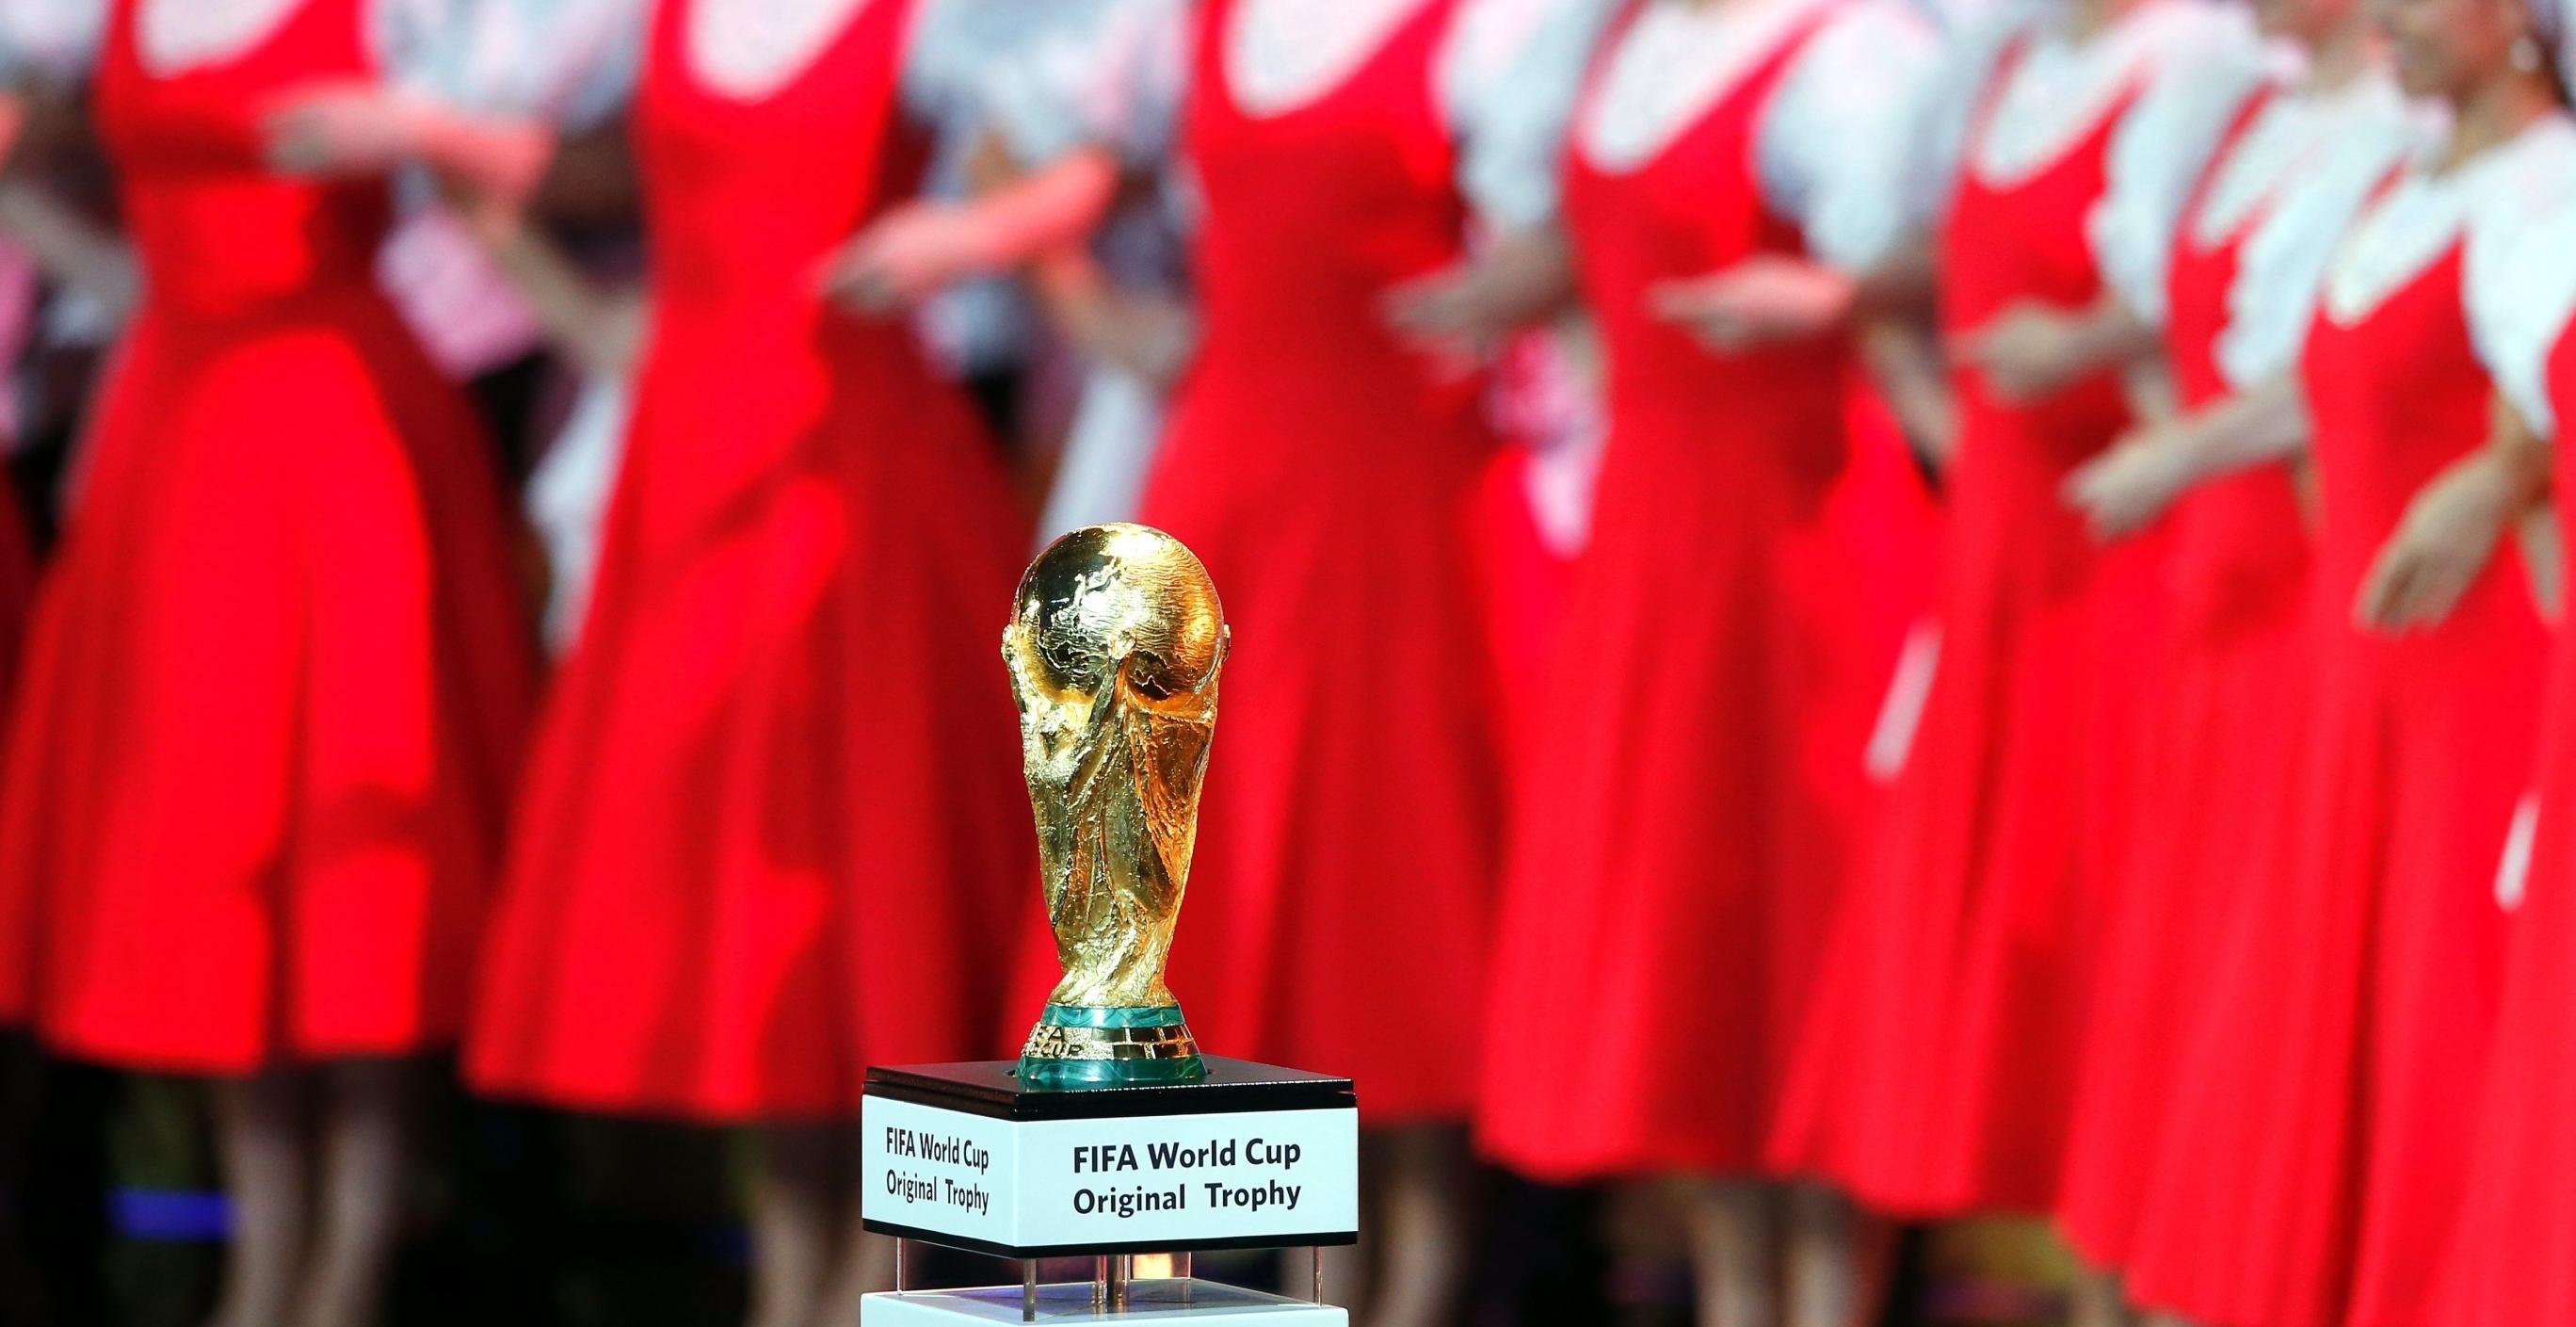 España se enfrentará a Portugal, Irán y Marruecos en la fase de grupos del Mundial